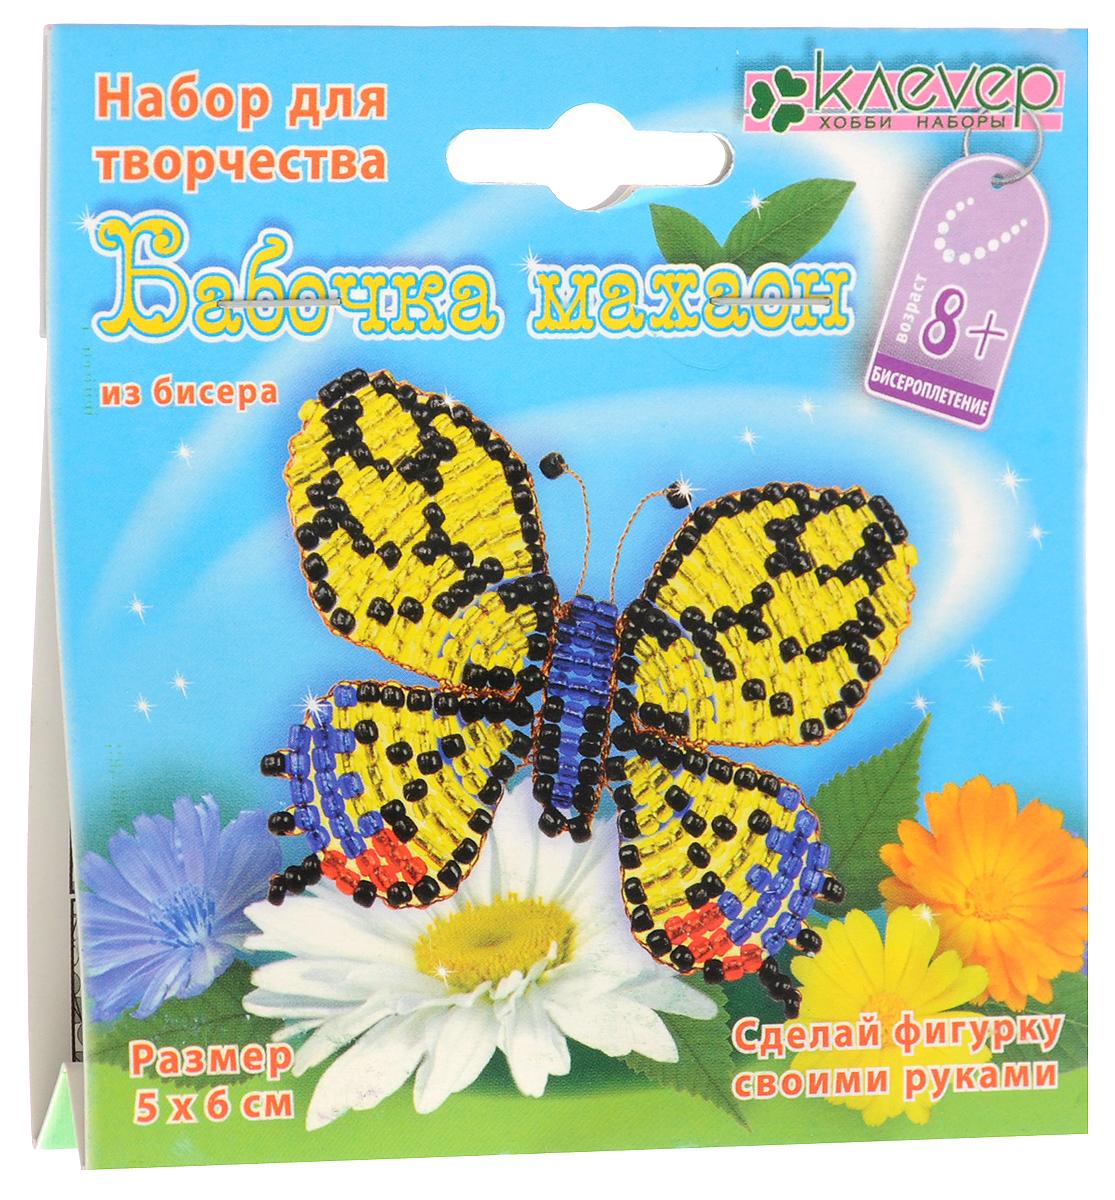 Клевер/Clever Набор для бисероплетения Бабочка махаонАА 05-555Говорят, что бабочки - живые цветы, которые срывает ветер. С помощью набора для бисероплетения Клевер/Clever Бабочка махаон сплетите бабочку с искрящимися крылышками из золотисто-жёлтого, синего, красного и гематитового бисера - и лето будет с вами круглый год. Плетение бабочки - лёгкое и занимательно занятие, и в результате - красивая фигурка, к которой можно прикрепить булавку и получить брошь. Приятного творчества! В комплект входит: бисер, проволока, инструкция на русском языке.